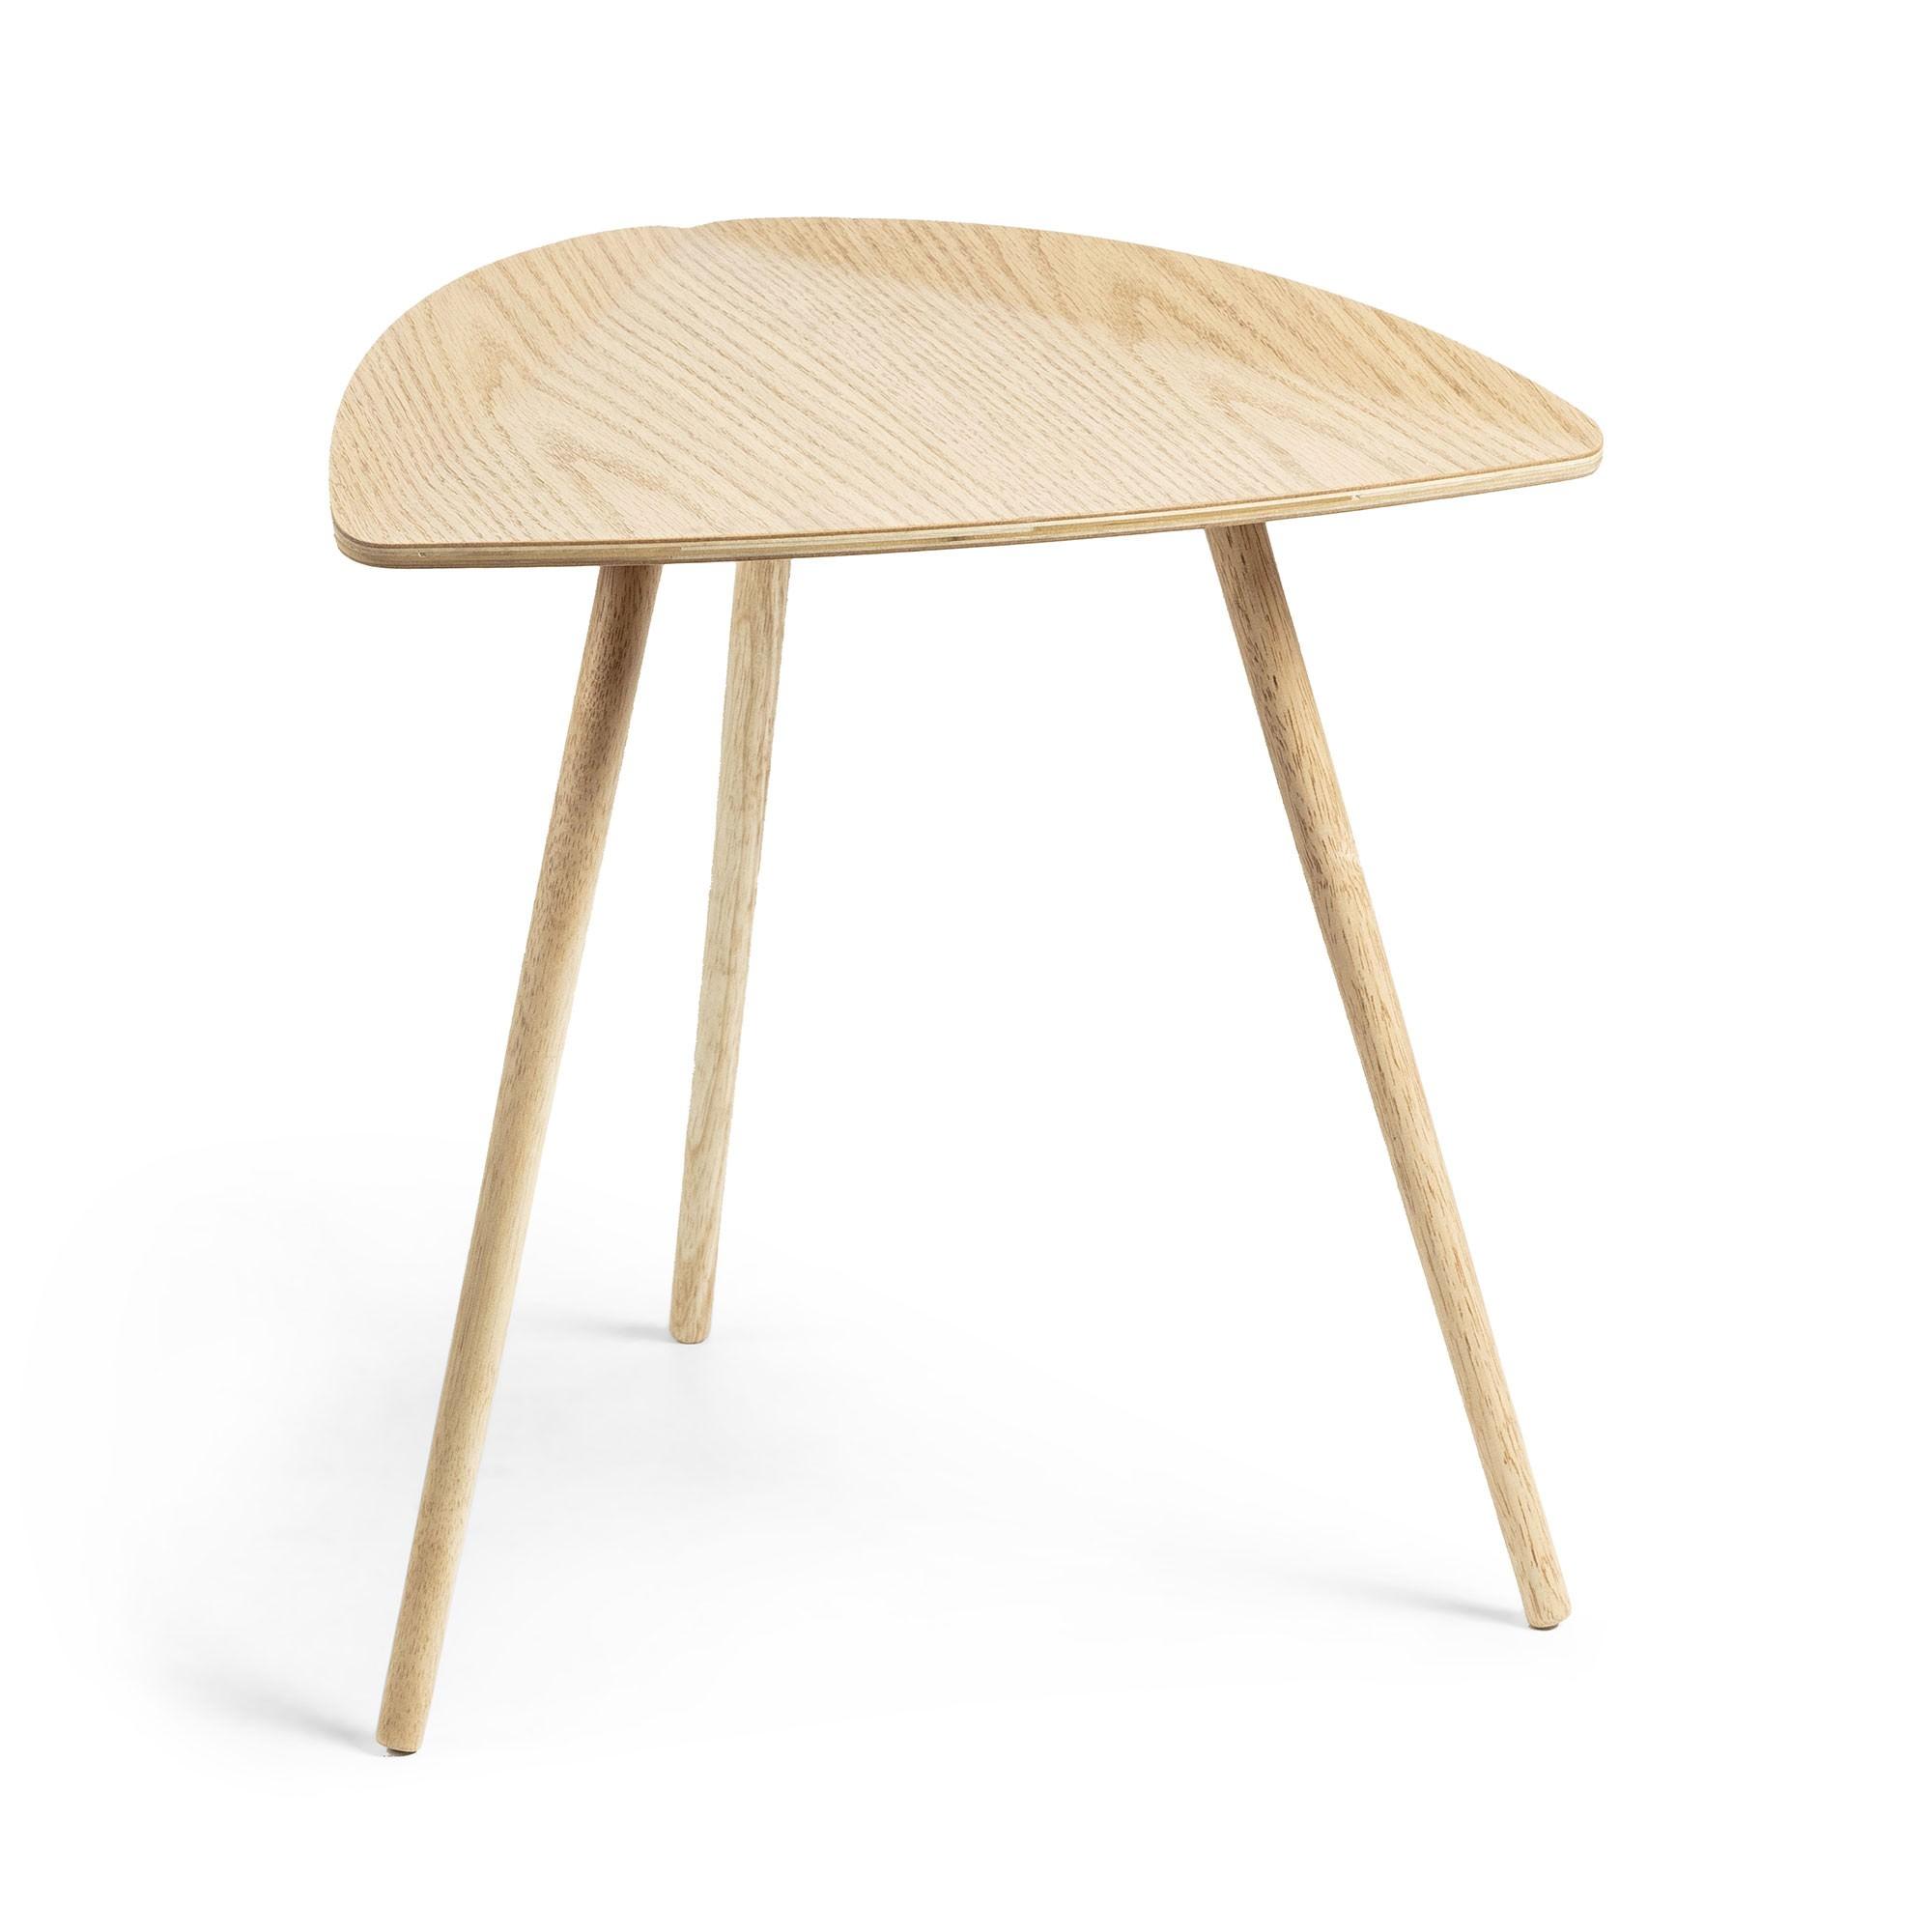 Cindy Wooden Side Table, Oak